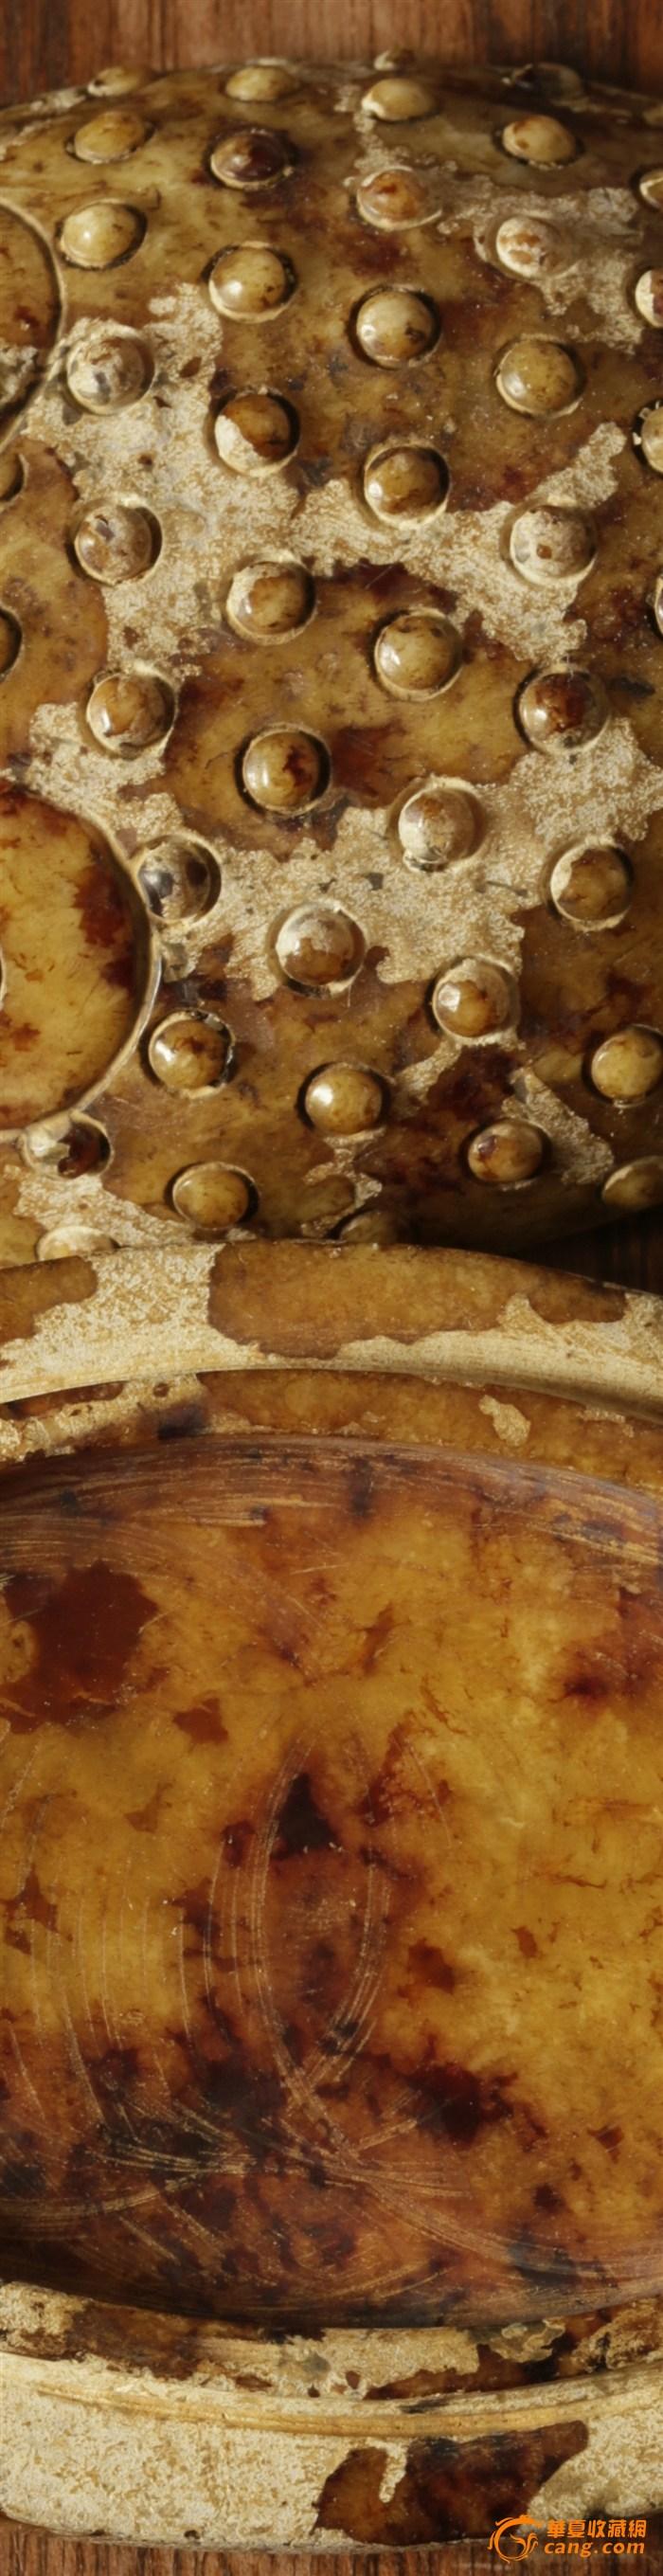 旺财风水用品 和田白玉籽料满沁 盖盒玉蟾,战汉出土古玉图7